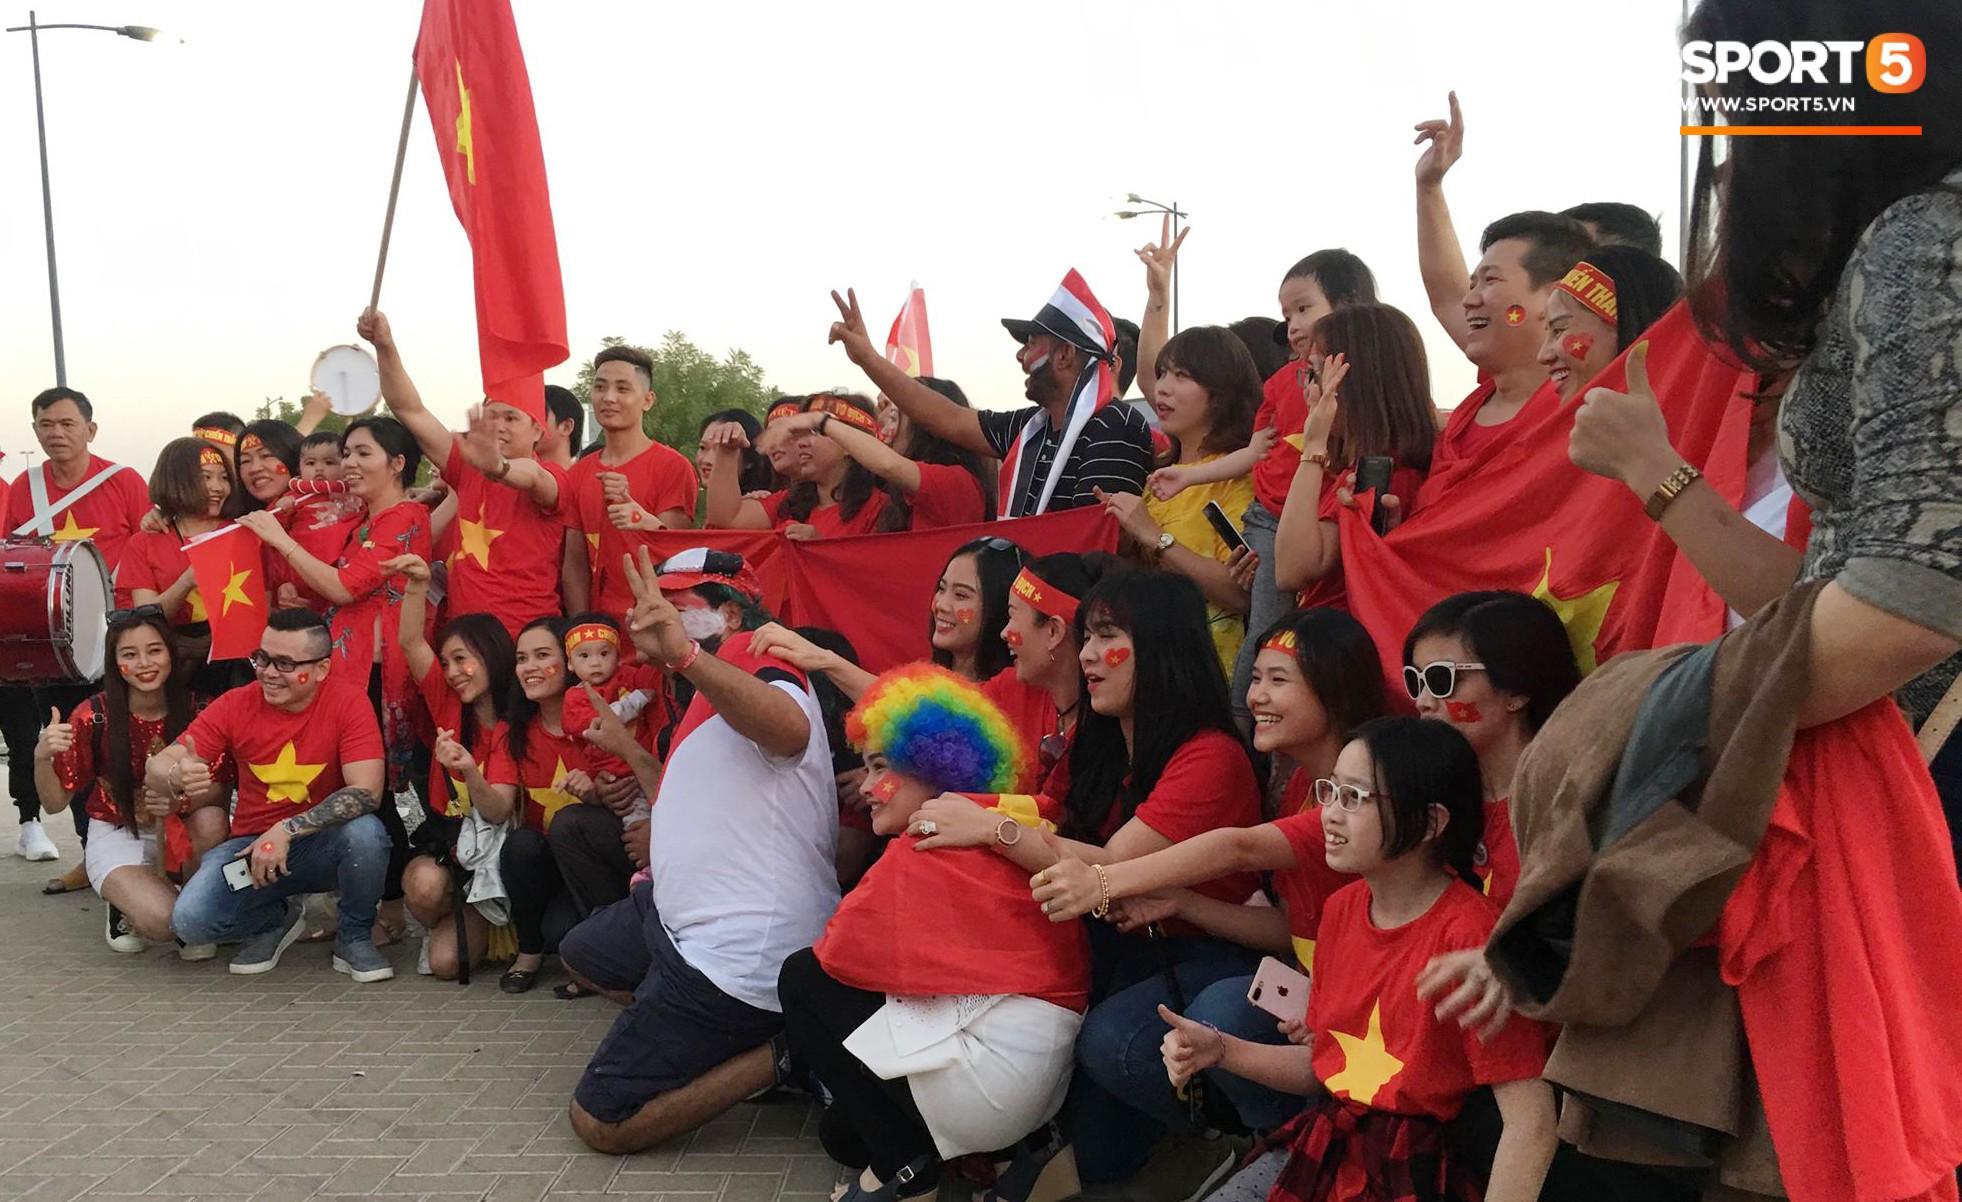 Cổ động viên Sài Gòn tiếp lửa cho đội tuyển Việt Nam lúc nửa đêm-6